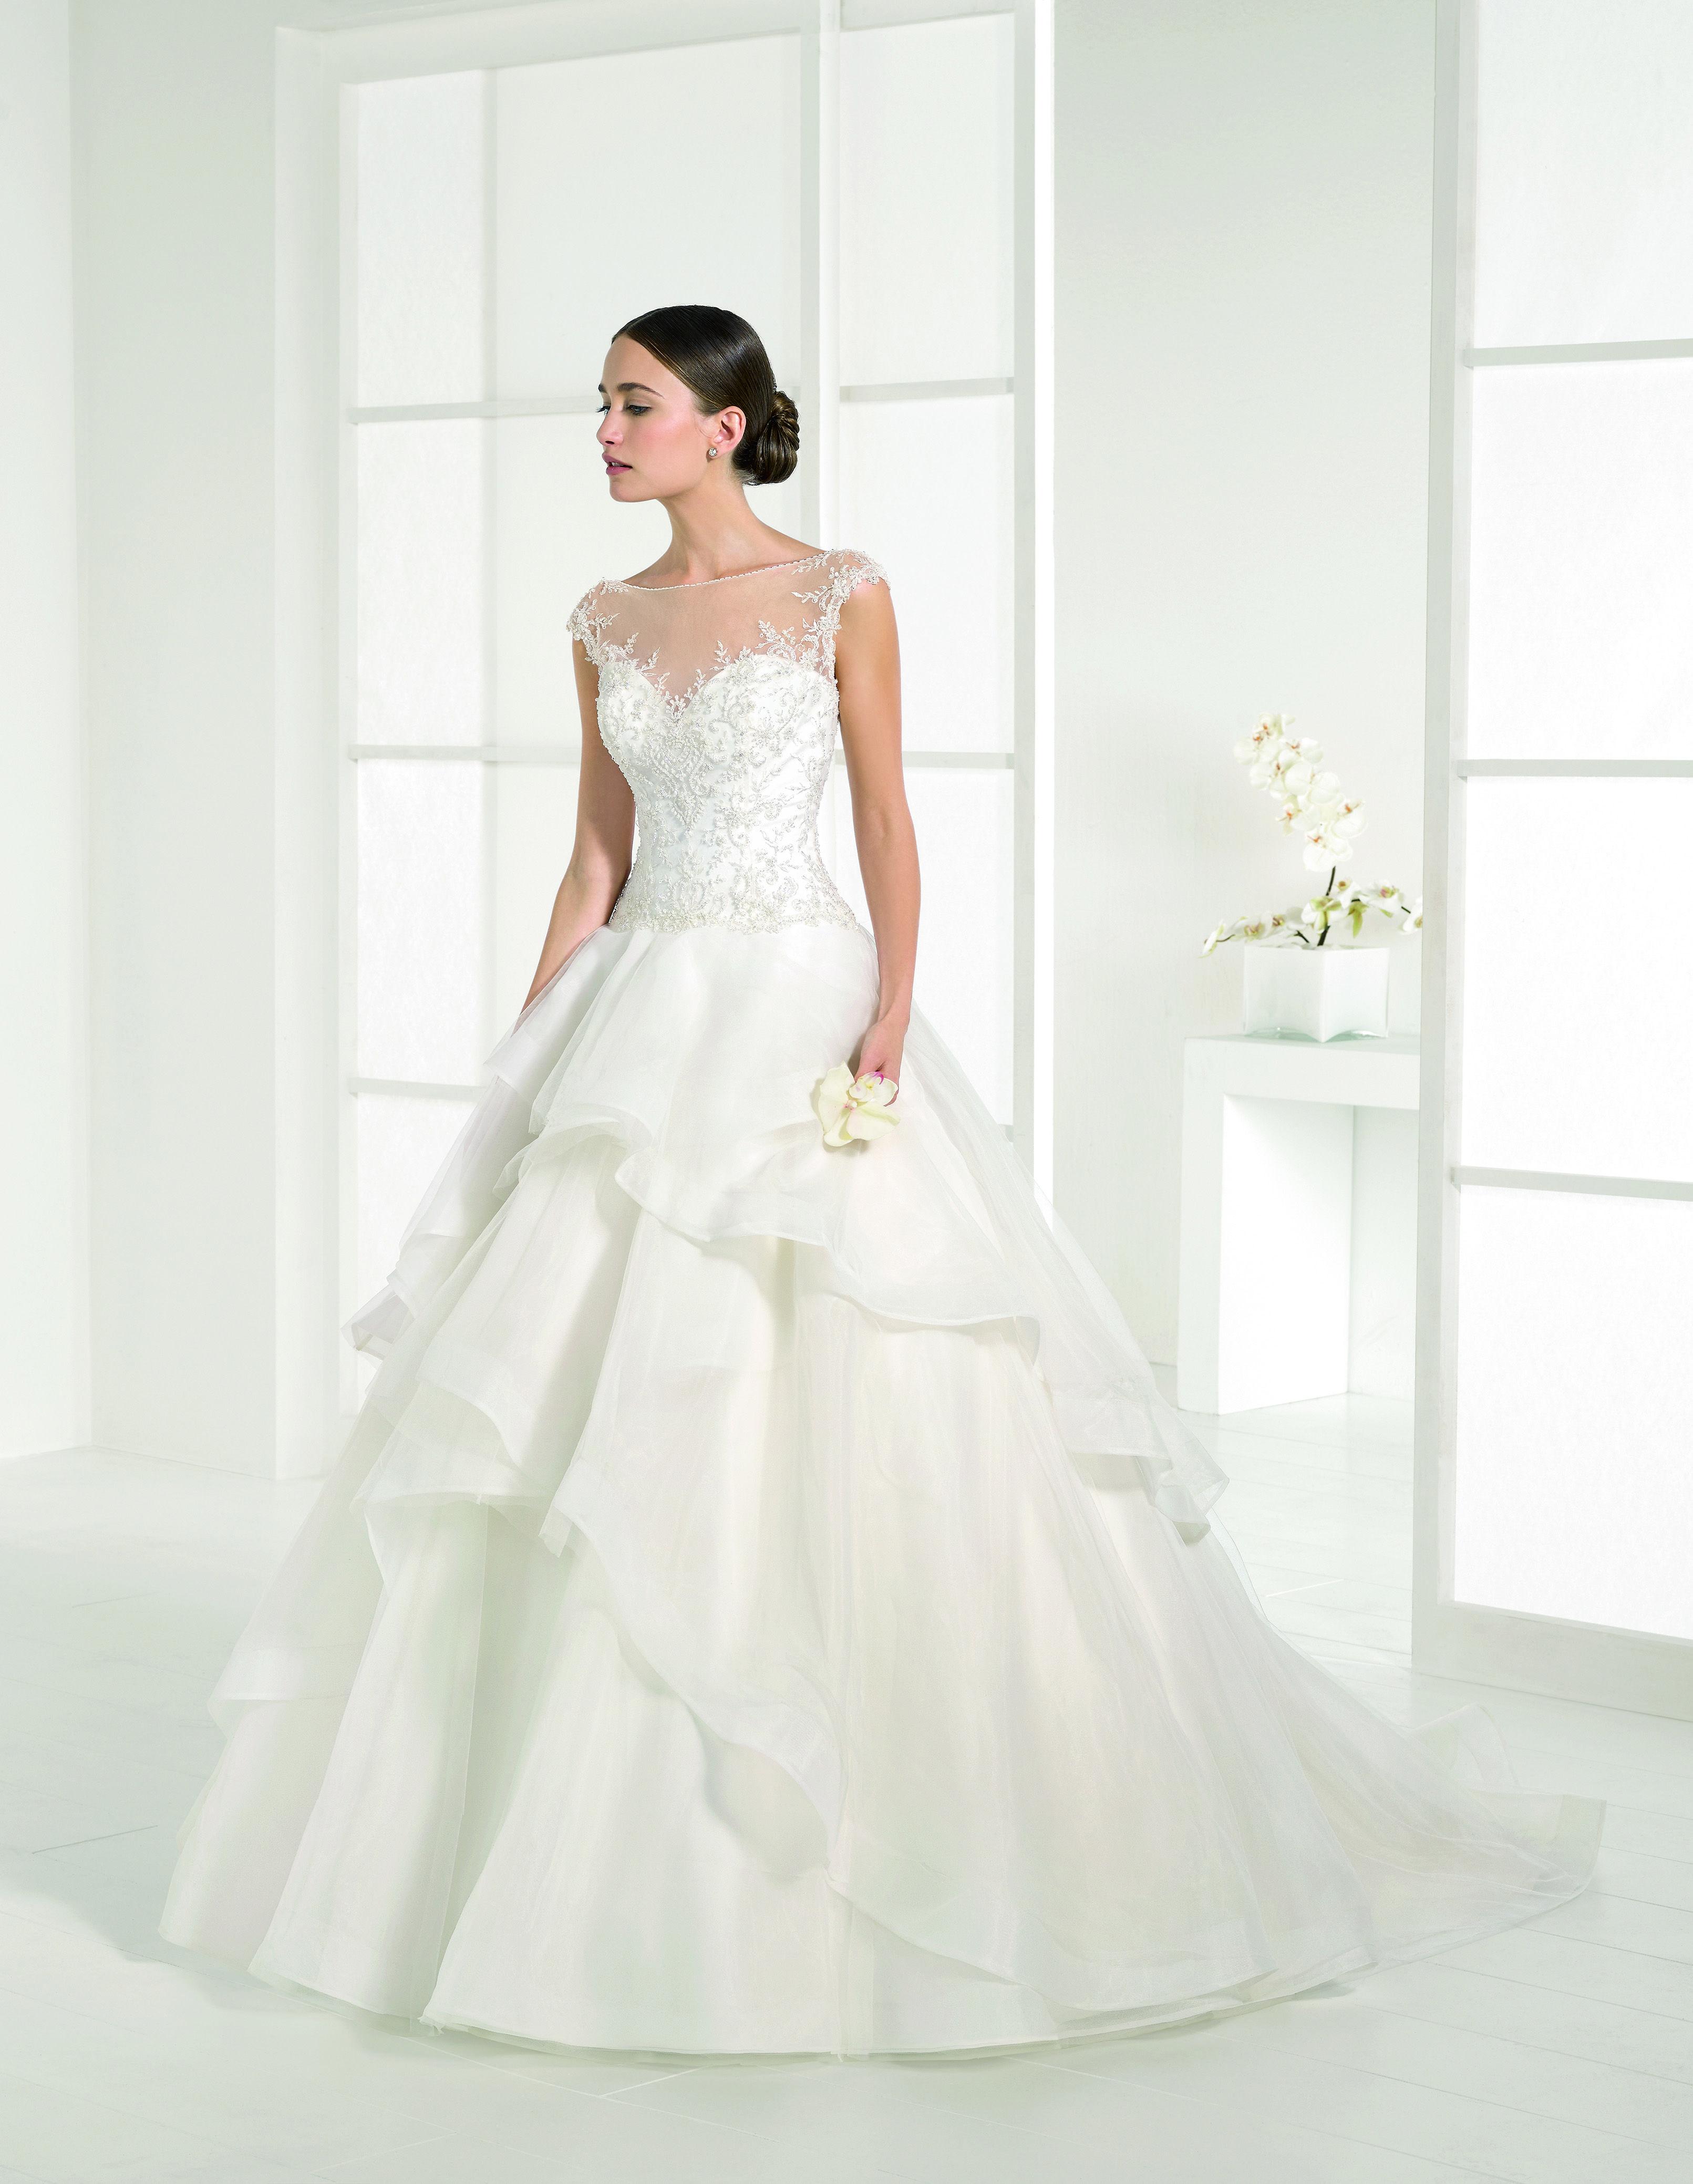 a3bbb2db94d8 Abito da sposa corpetto luminoso Adriana Alier Rosa Clara  2016 per Bride  Project Buttrio www.brideproject.it